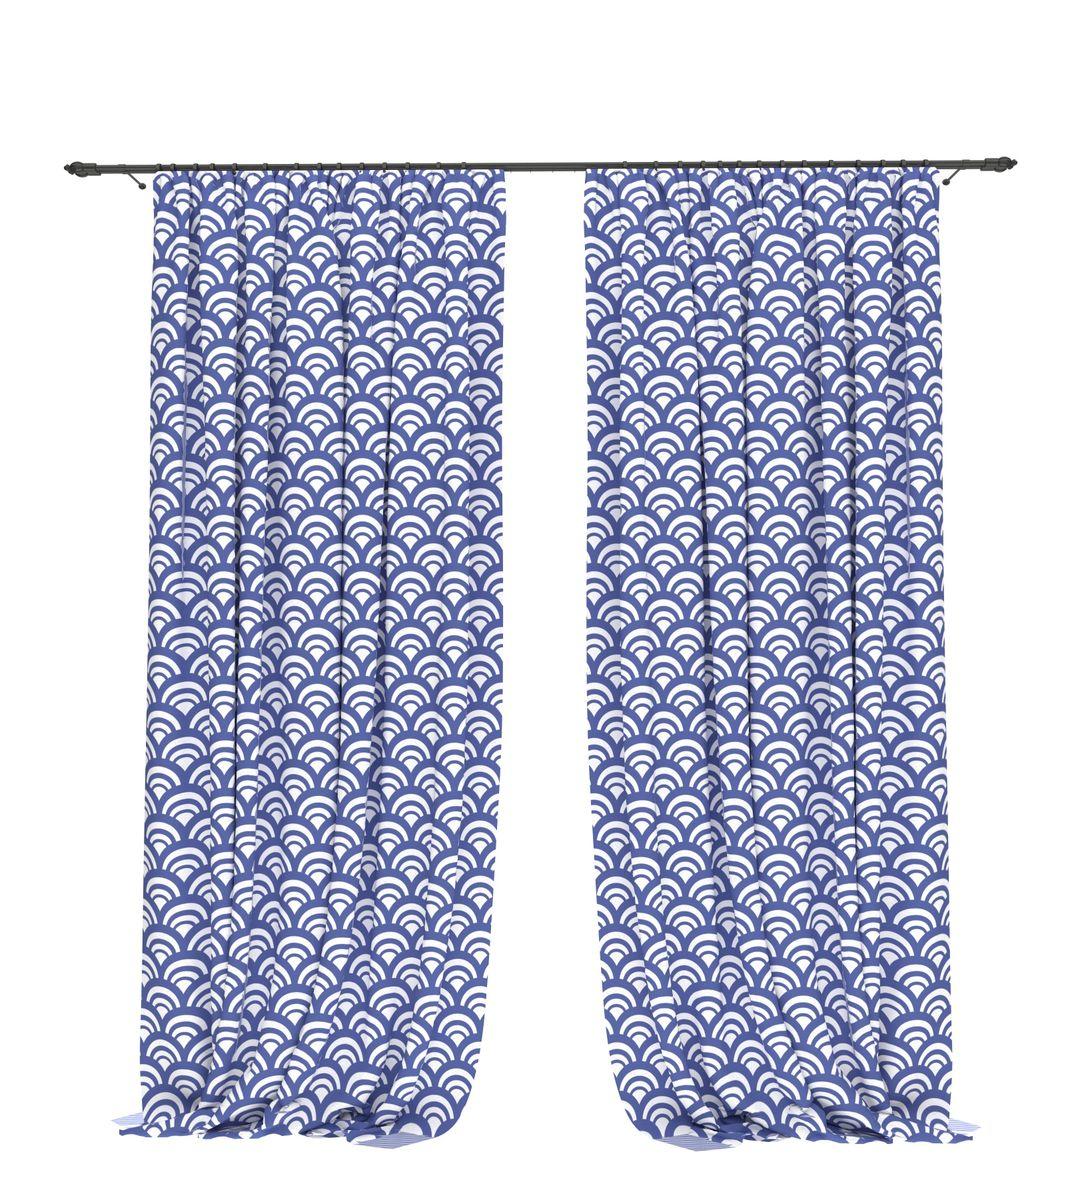 Комплект фотоштор Bellino Home Лепорио, высота 260 см. 05692-ФШ-ГБ-00105692-ФШ-ГБ-001Комплект фотоштор BELLINO HOME. Коллекция Китай является стилевым направлением,получившим свое развитие как ветвь стиля рококо. Шинуазри- один из видов ориентализма. Этот стиль начал набирать популярность в начале ХХ века, когда возник спрос на ар-деко. Стиль шинуазри органично впишется в любой интерьер, так как он представляет собой не оригинальный китайский стиль, а скоре европейское представление о Китае. Тема вариации, свобода от условностей, Ваш экспромт от BELLINO HOME. Крепление на карниз при помощи шторной ленты на крючки. В комплекте: Портьера: 2 шт. Размер (ШхВ): 145 см х 260 см. Рекомендации по уходу: стирка при 30 градусах гладить при температуре до 150 градусов Изображение на мониторе может немного отличаться от реального.